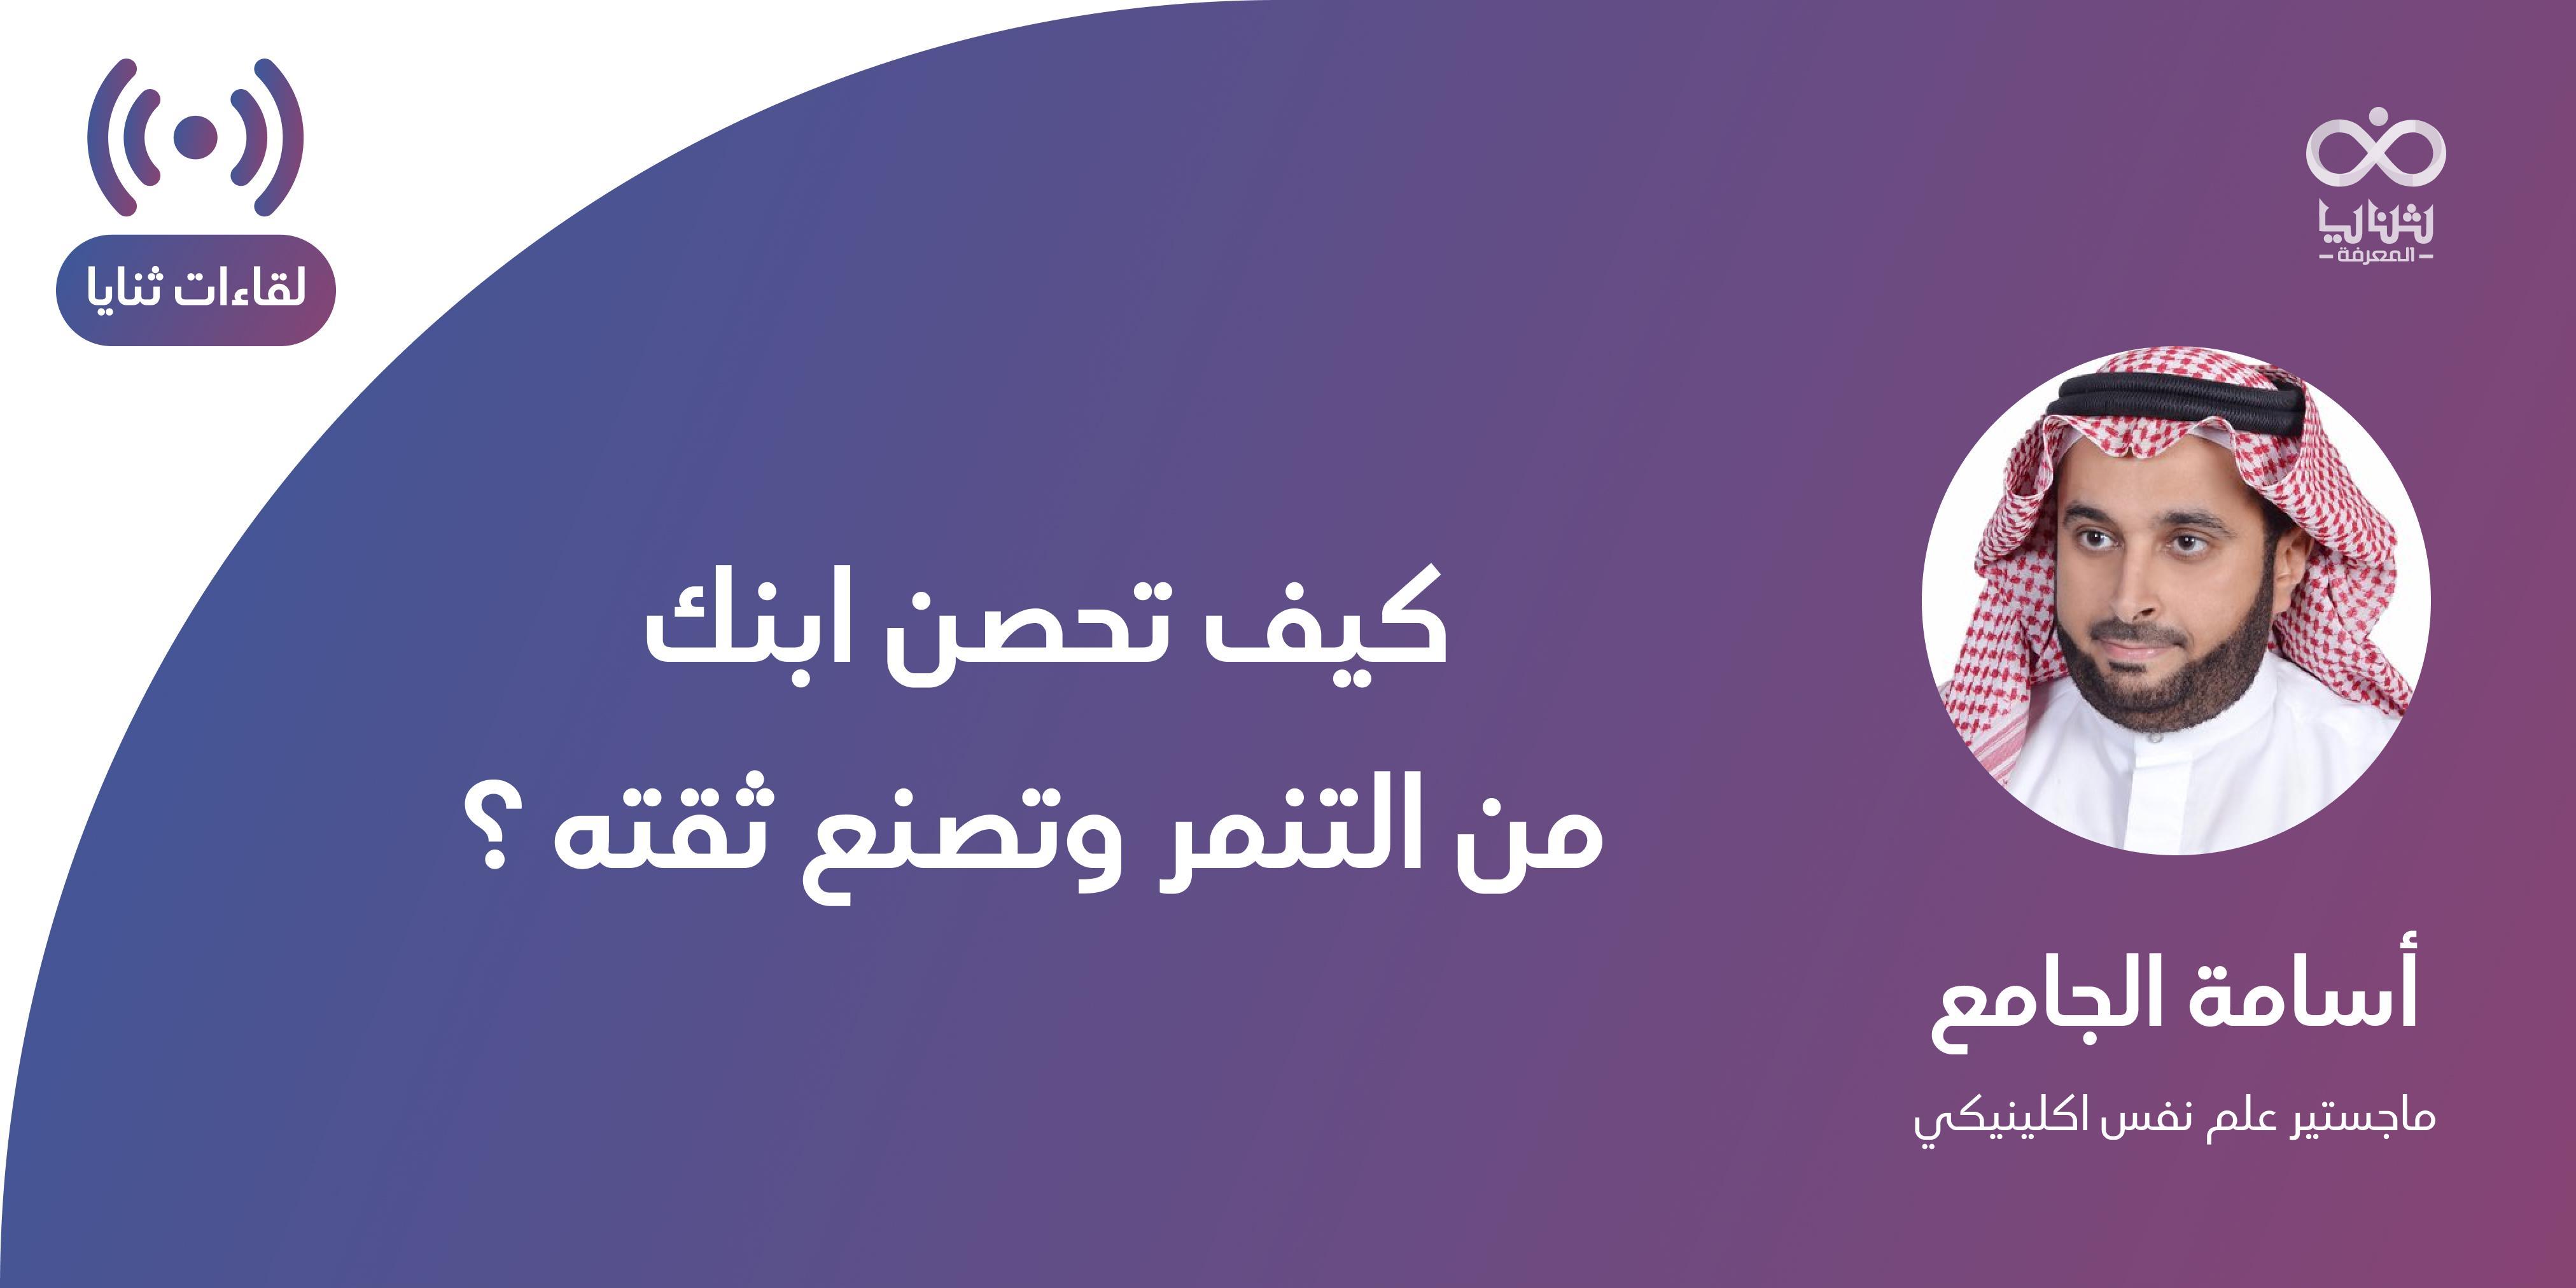 أ. أسامة الجامع - كيف تحصن ابنك من التنمر المدرسي و الالكتروني وتصنع ثقته؟